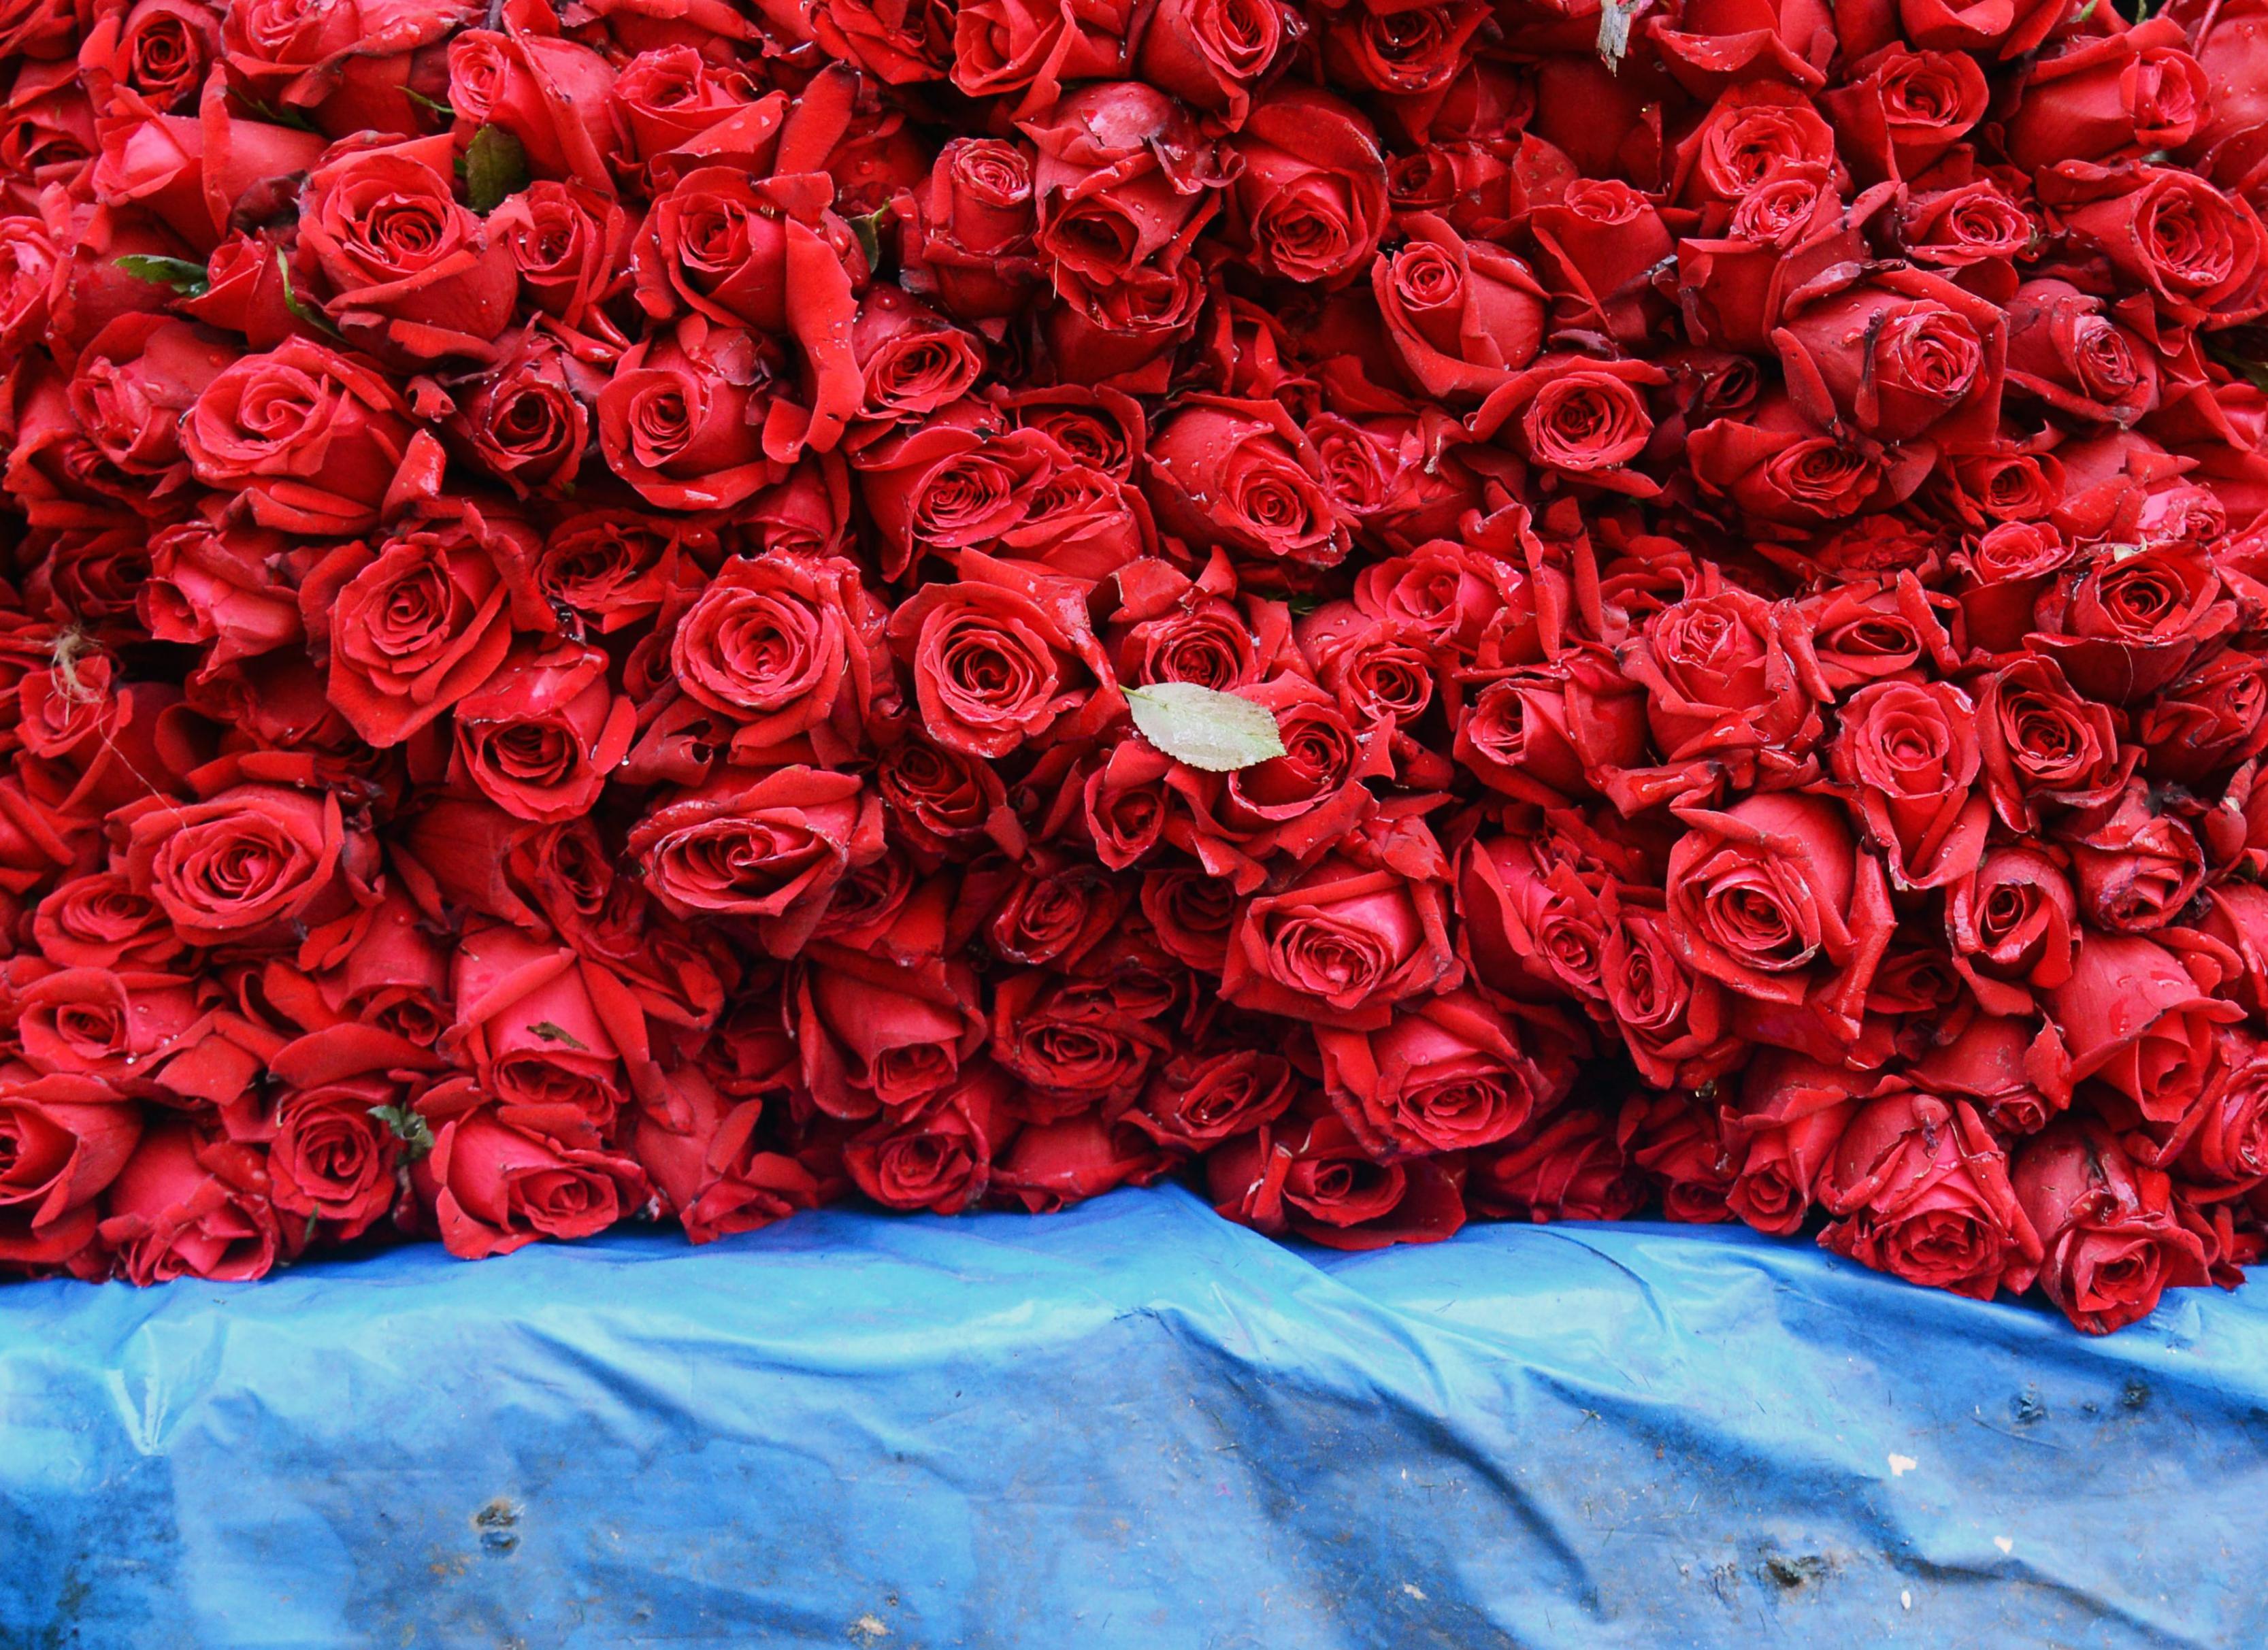 بالصور ورود الحب , اجمل الورود للحب 2389 11